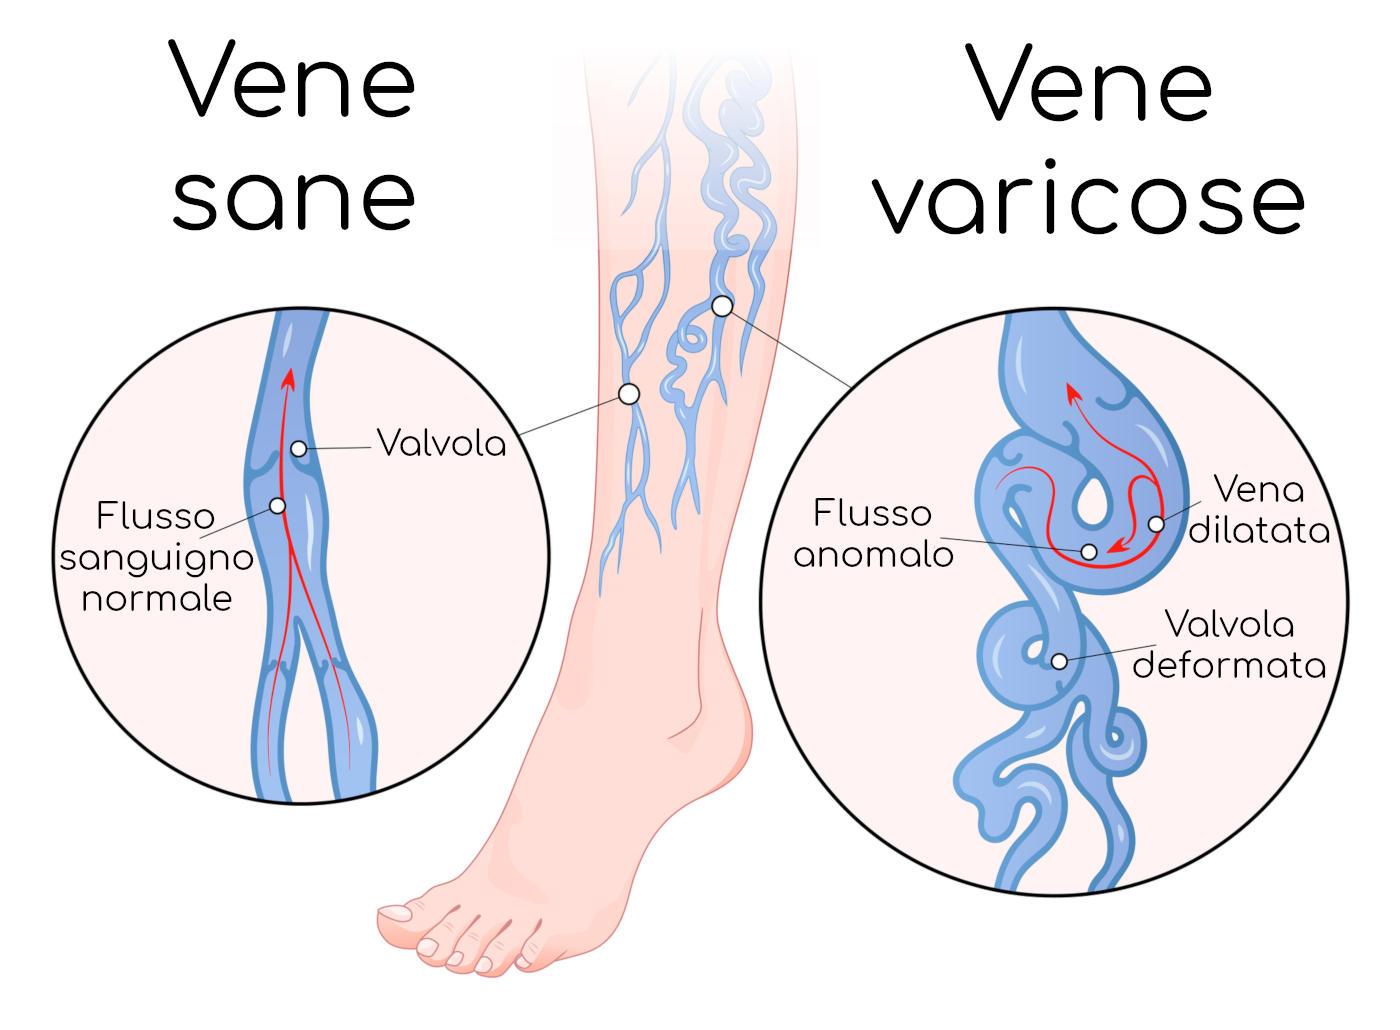 Paragone tra vene sane e vene varicose